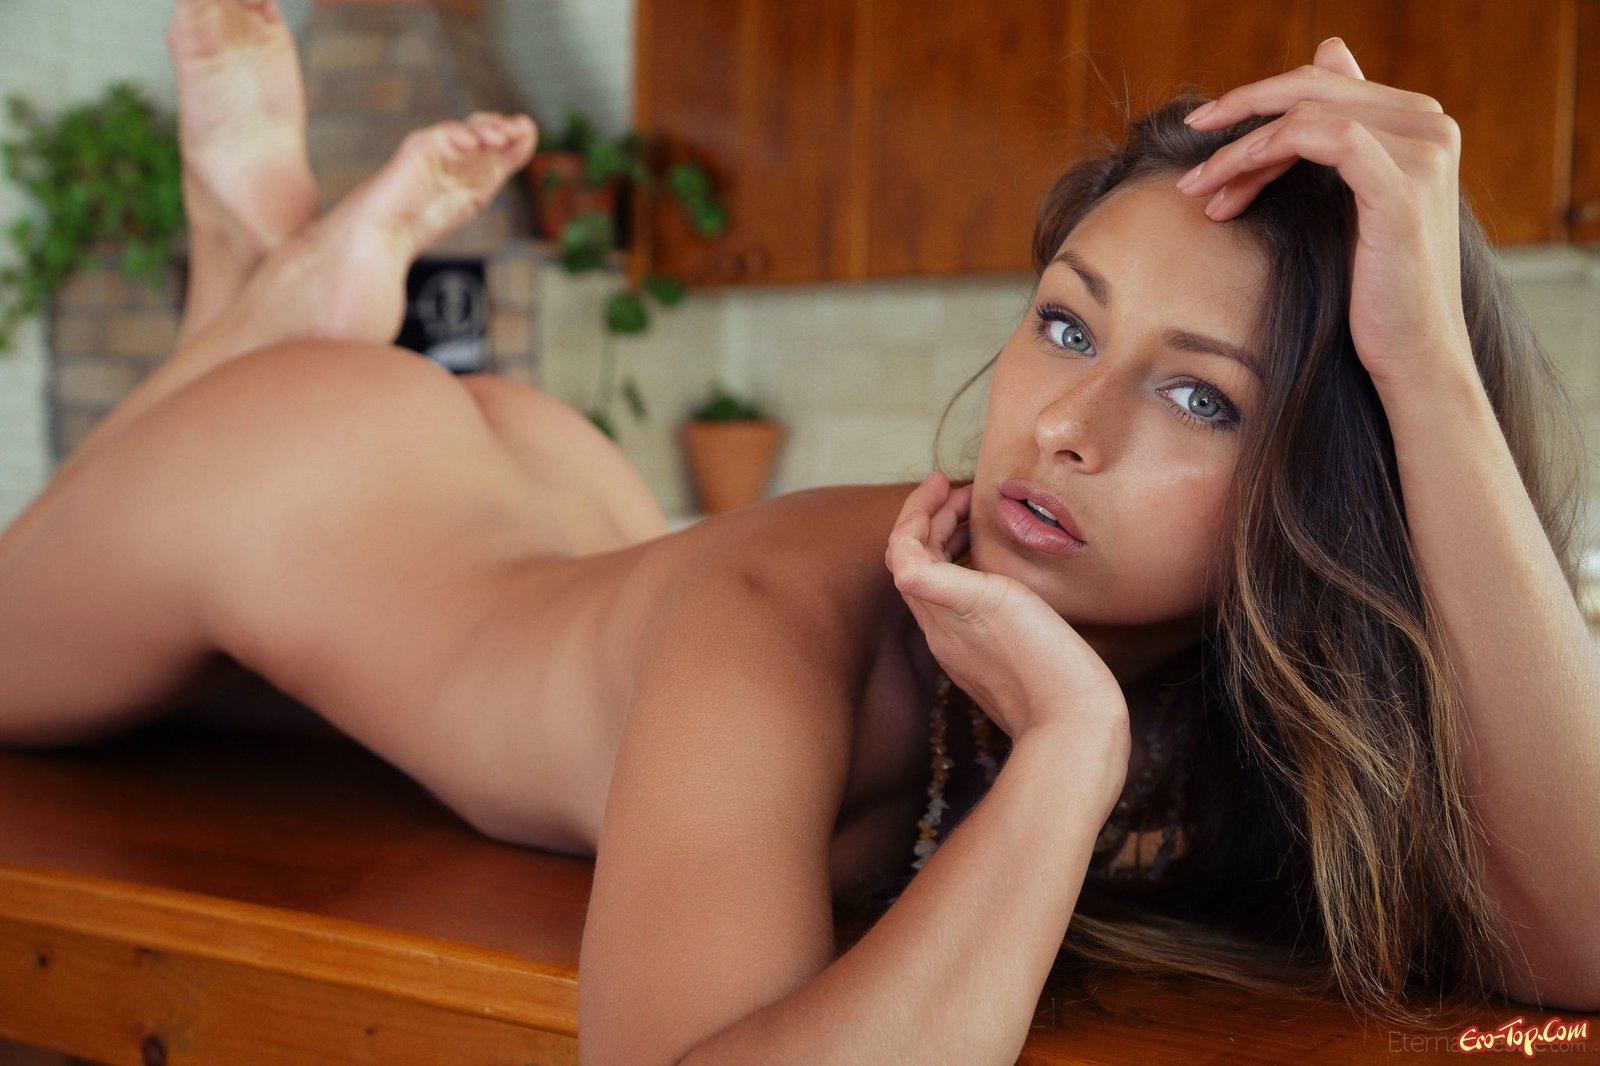 Эротичная голая няшка делает селфи на деревянном столе